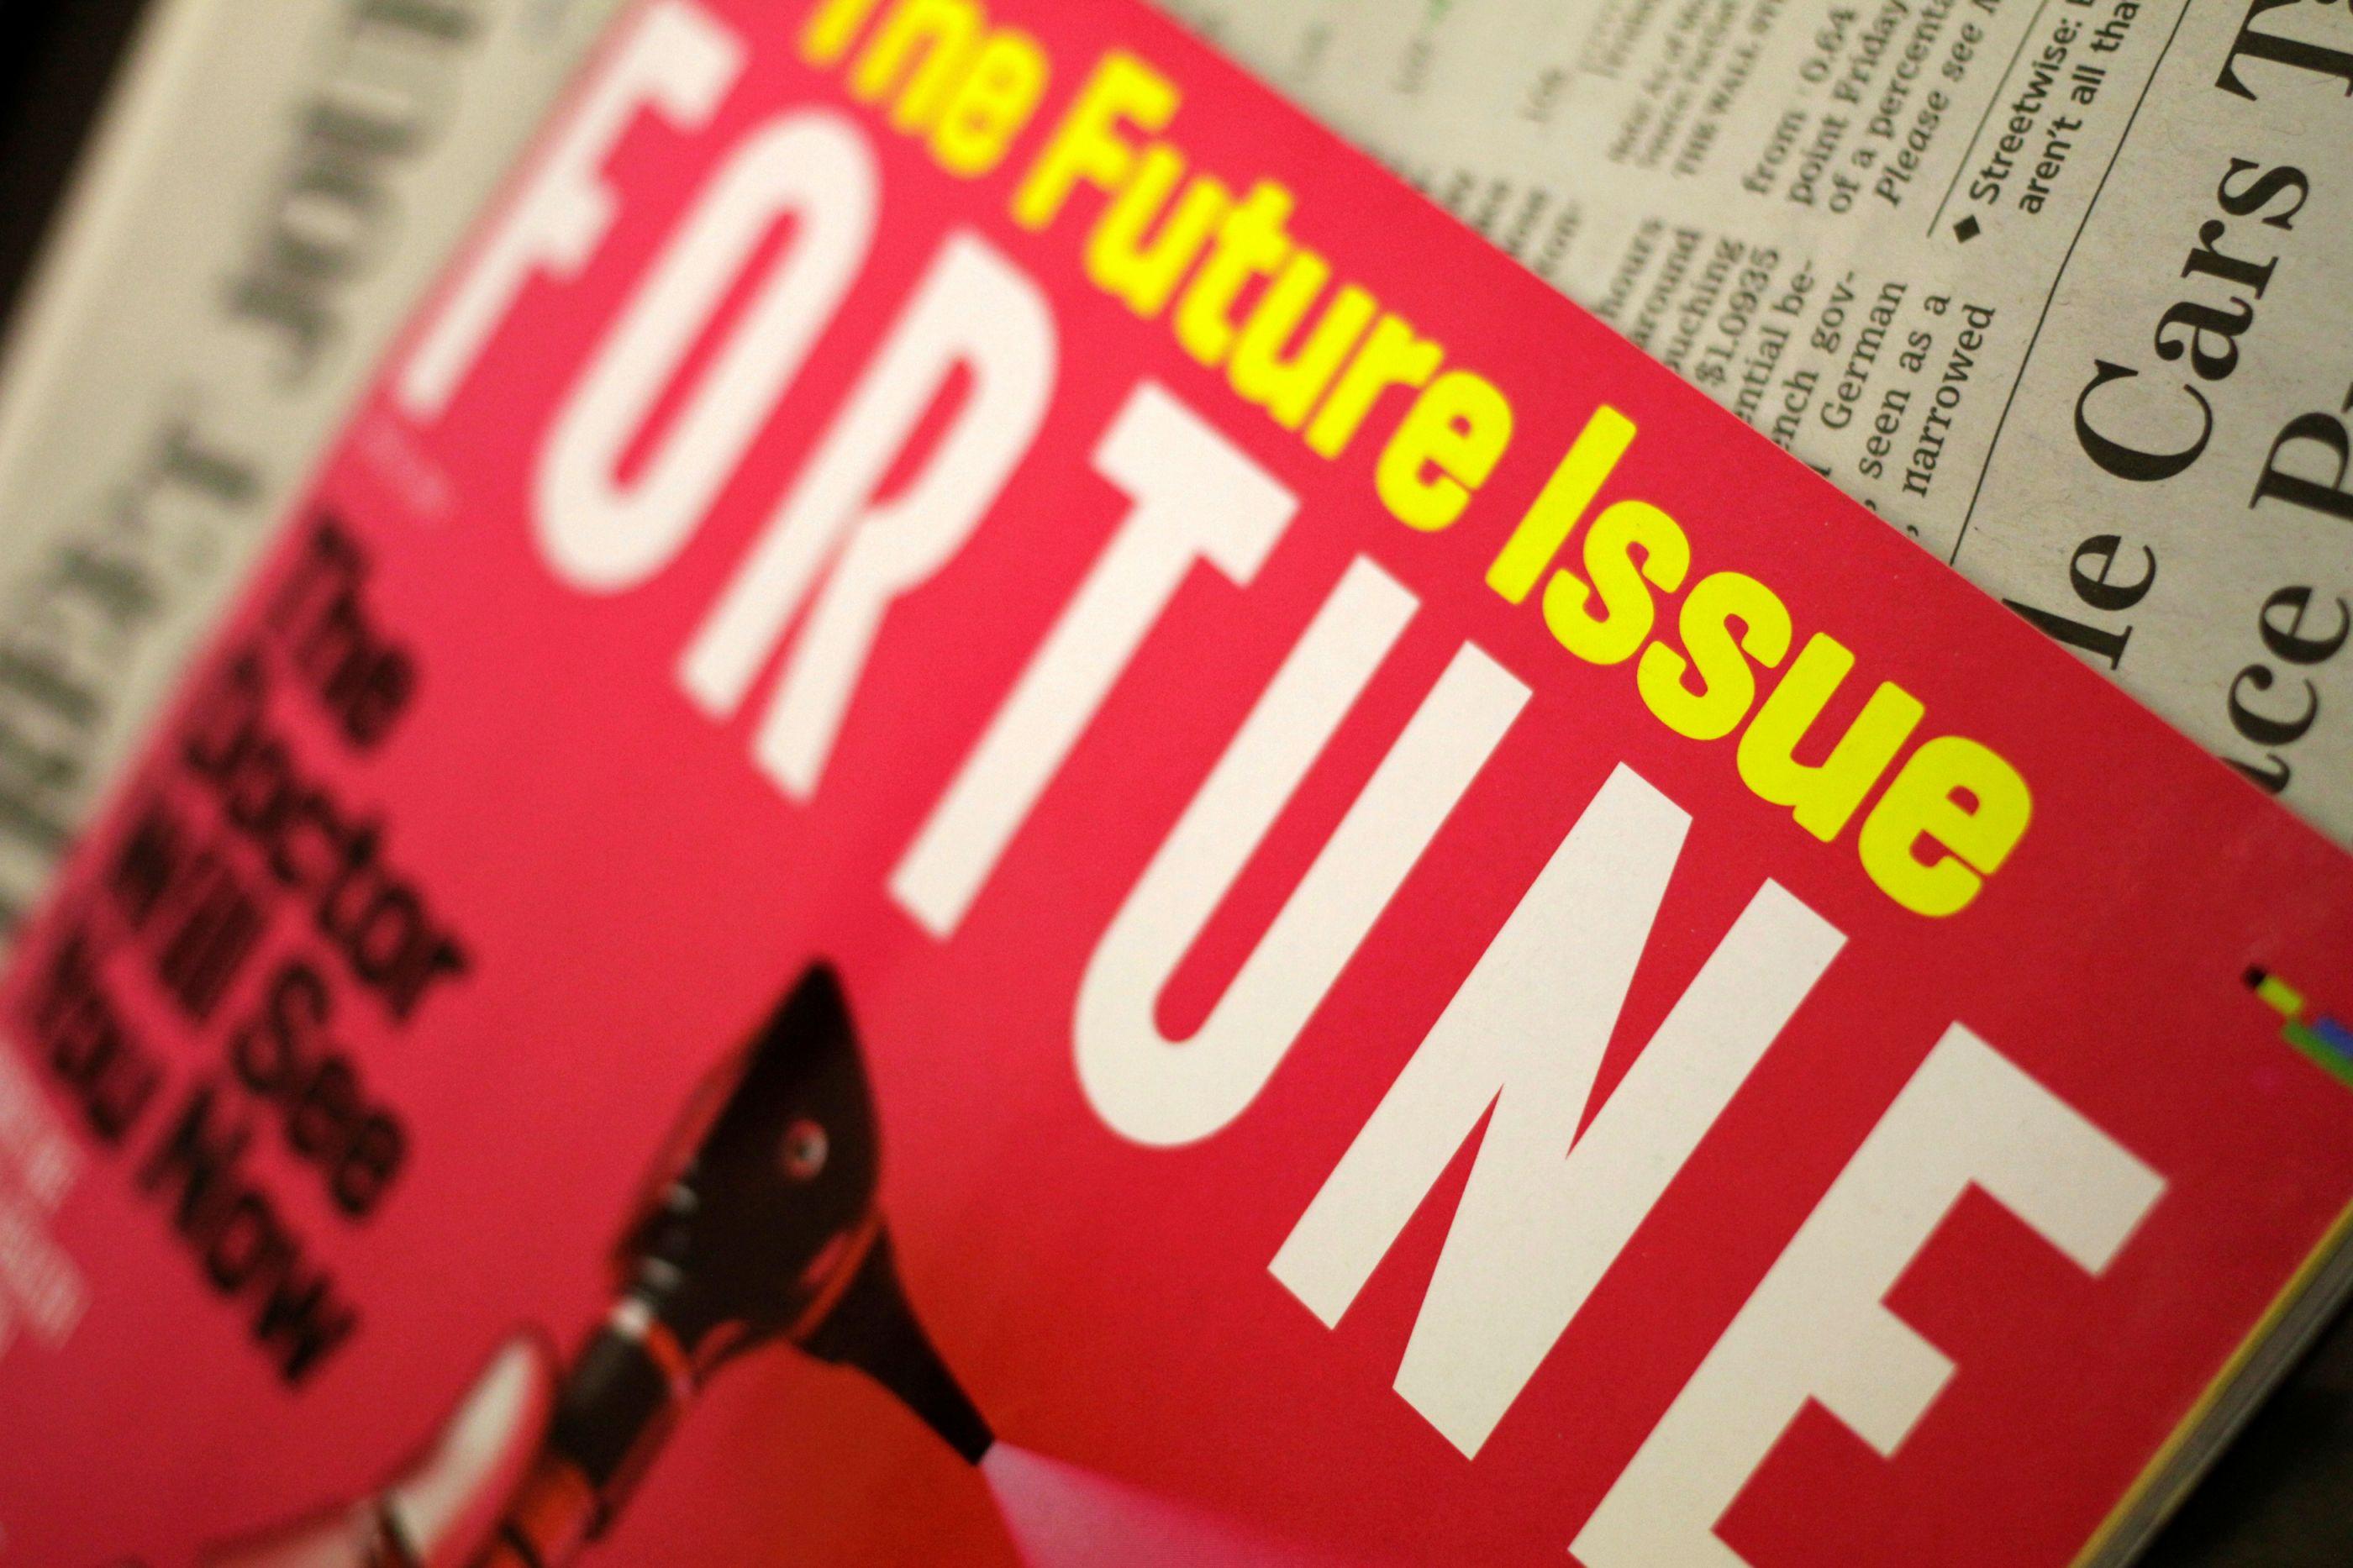 Revista Fortune vendida por 150 milhões de dólares